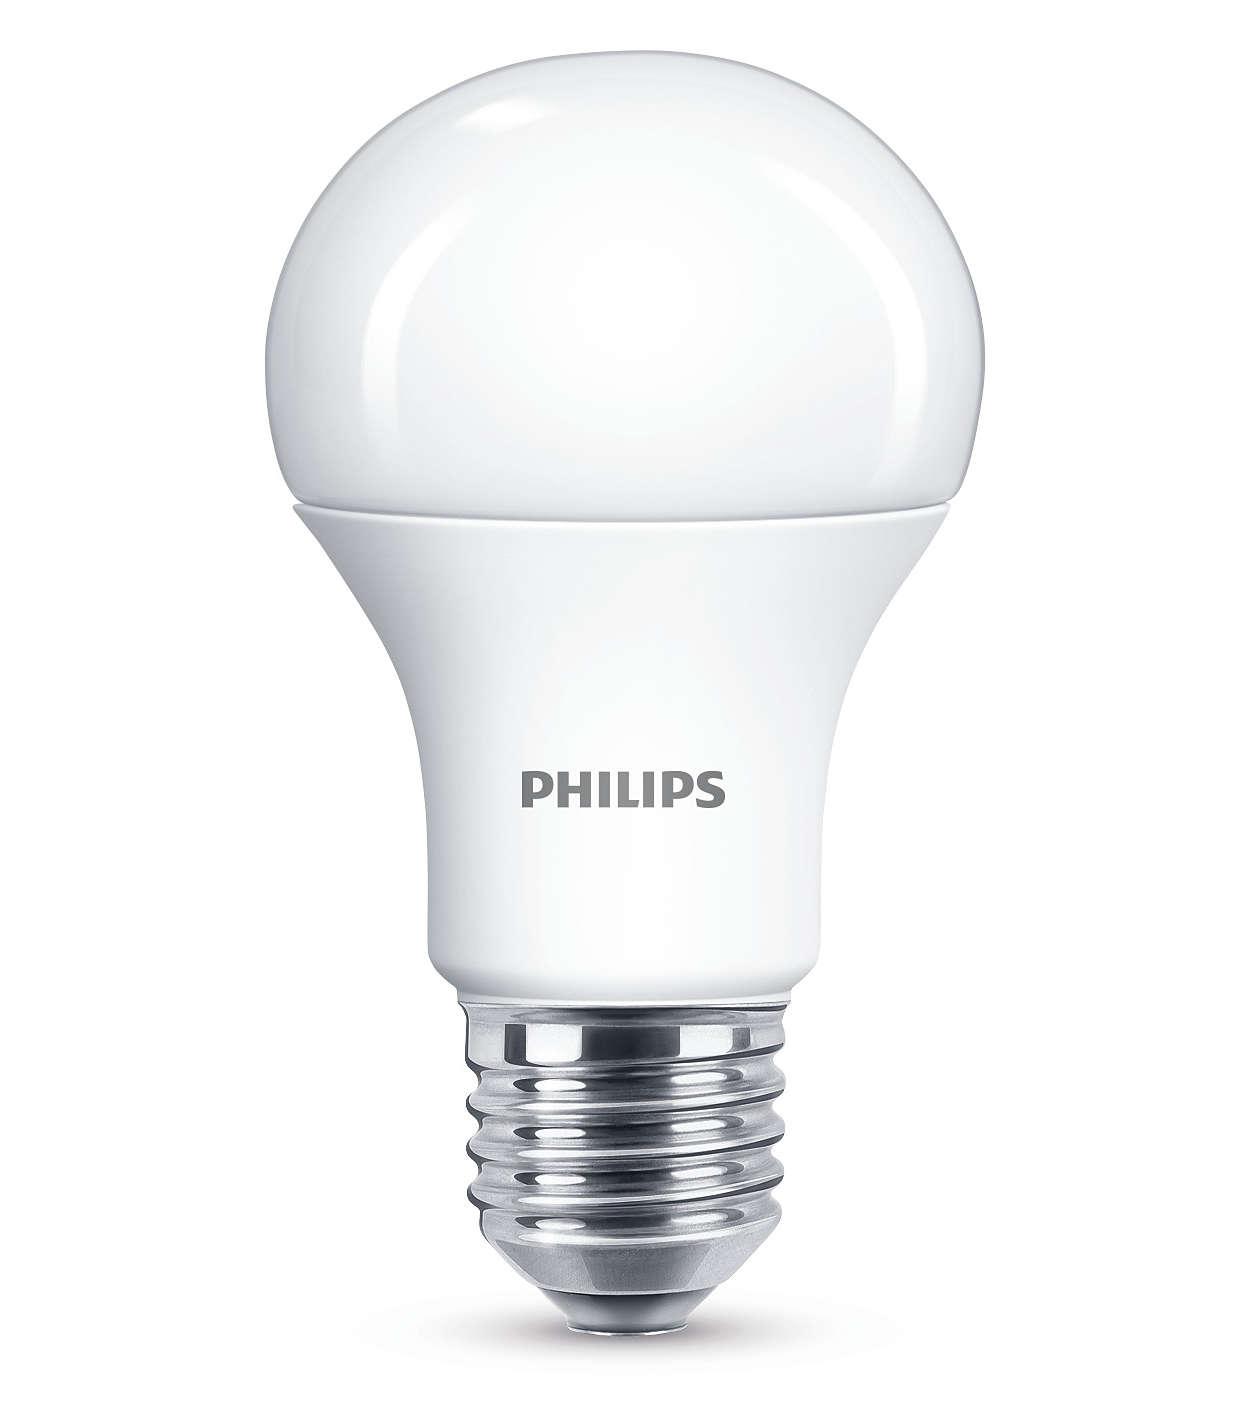 Έντονο λευκό φως, χωρίς συμβιβασμούς στην ποιότητα του φωτισμού